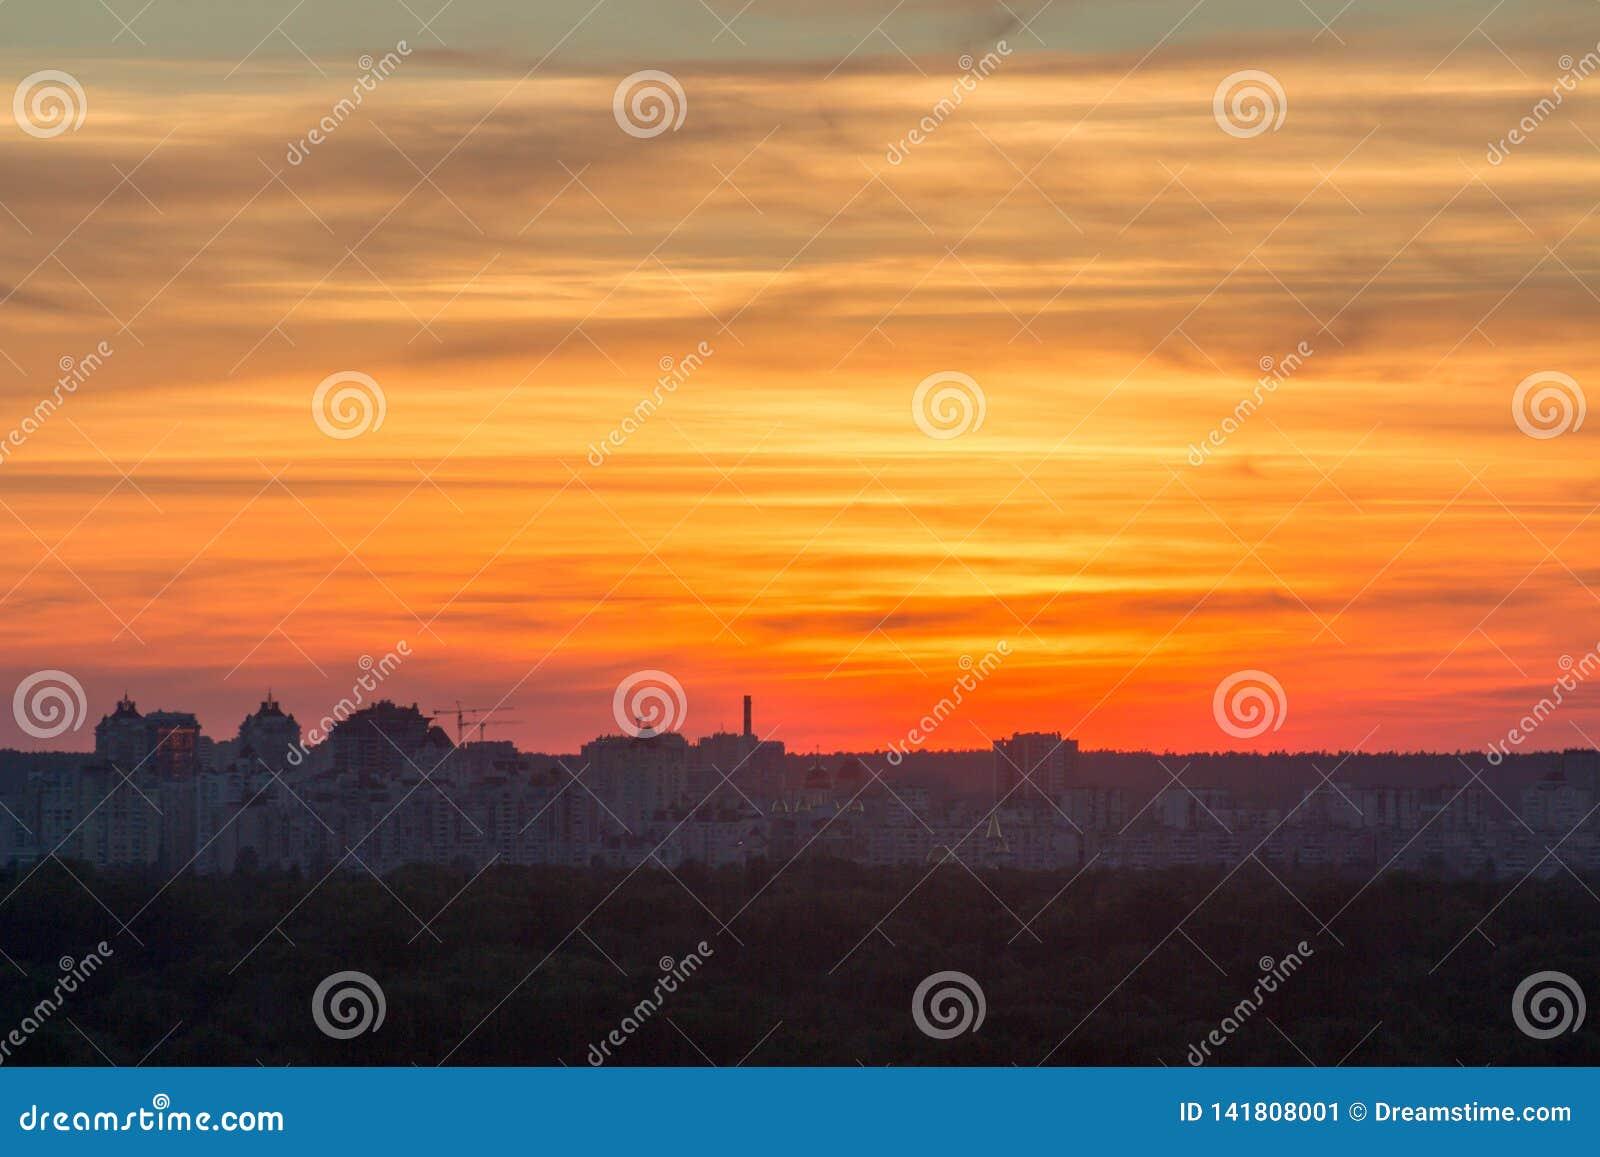 Beau coucher du soleil au-dessus de la ville